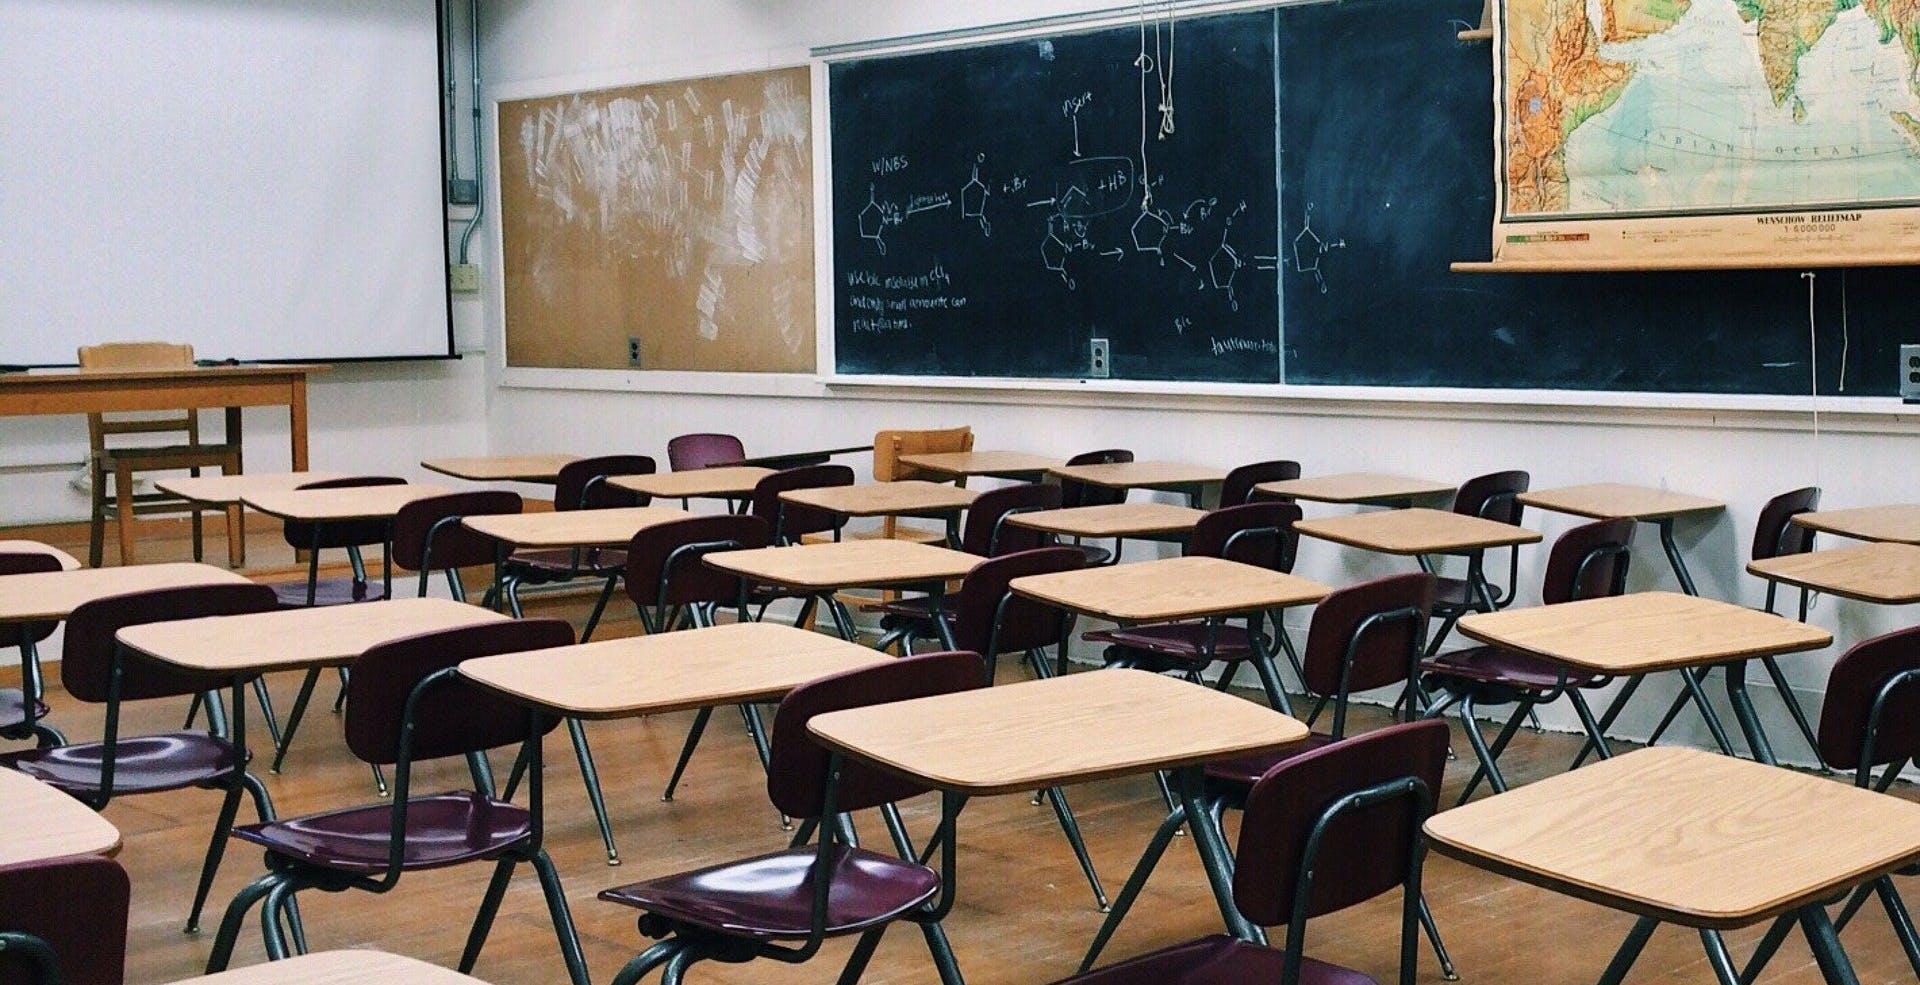 """DAD, lo sfogo di un docente: """"Cari politici, venite voi a scuola a fare lezione a distanza e poi vediamo..."""""""